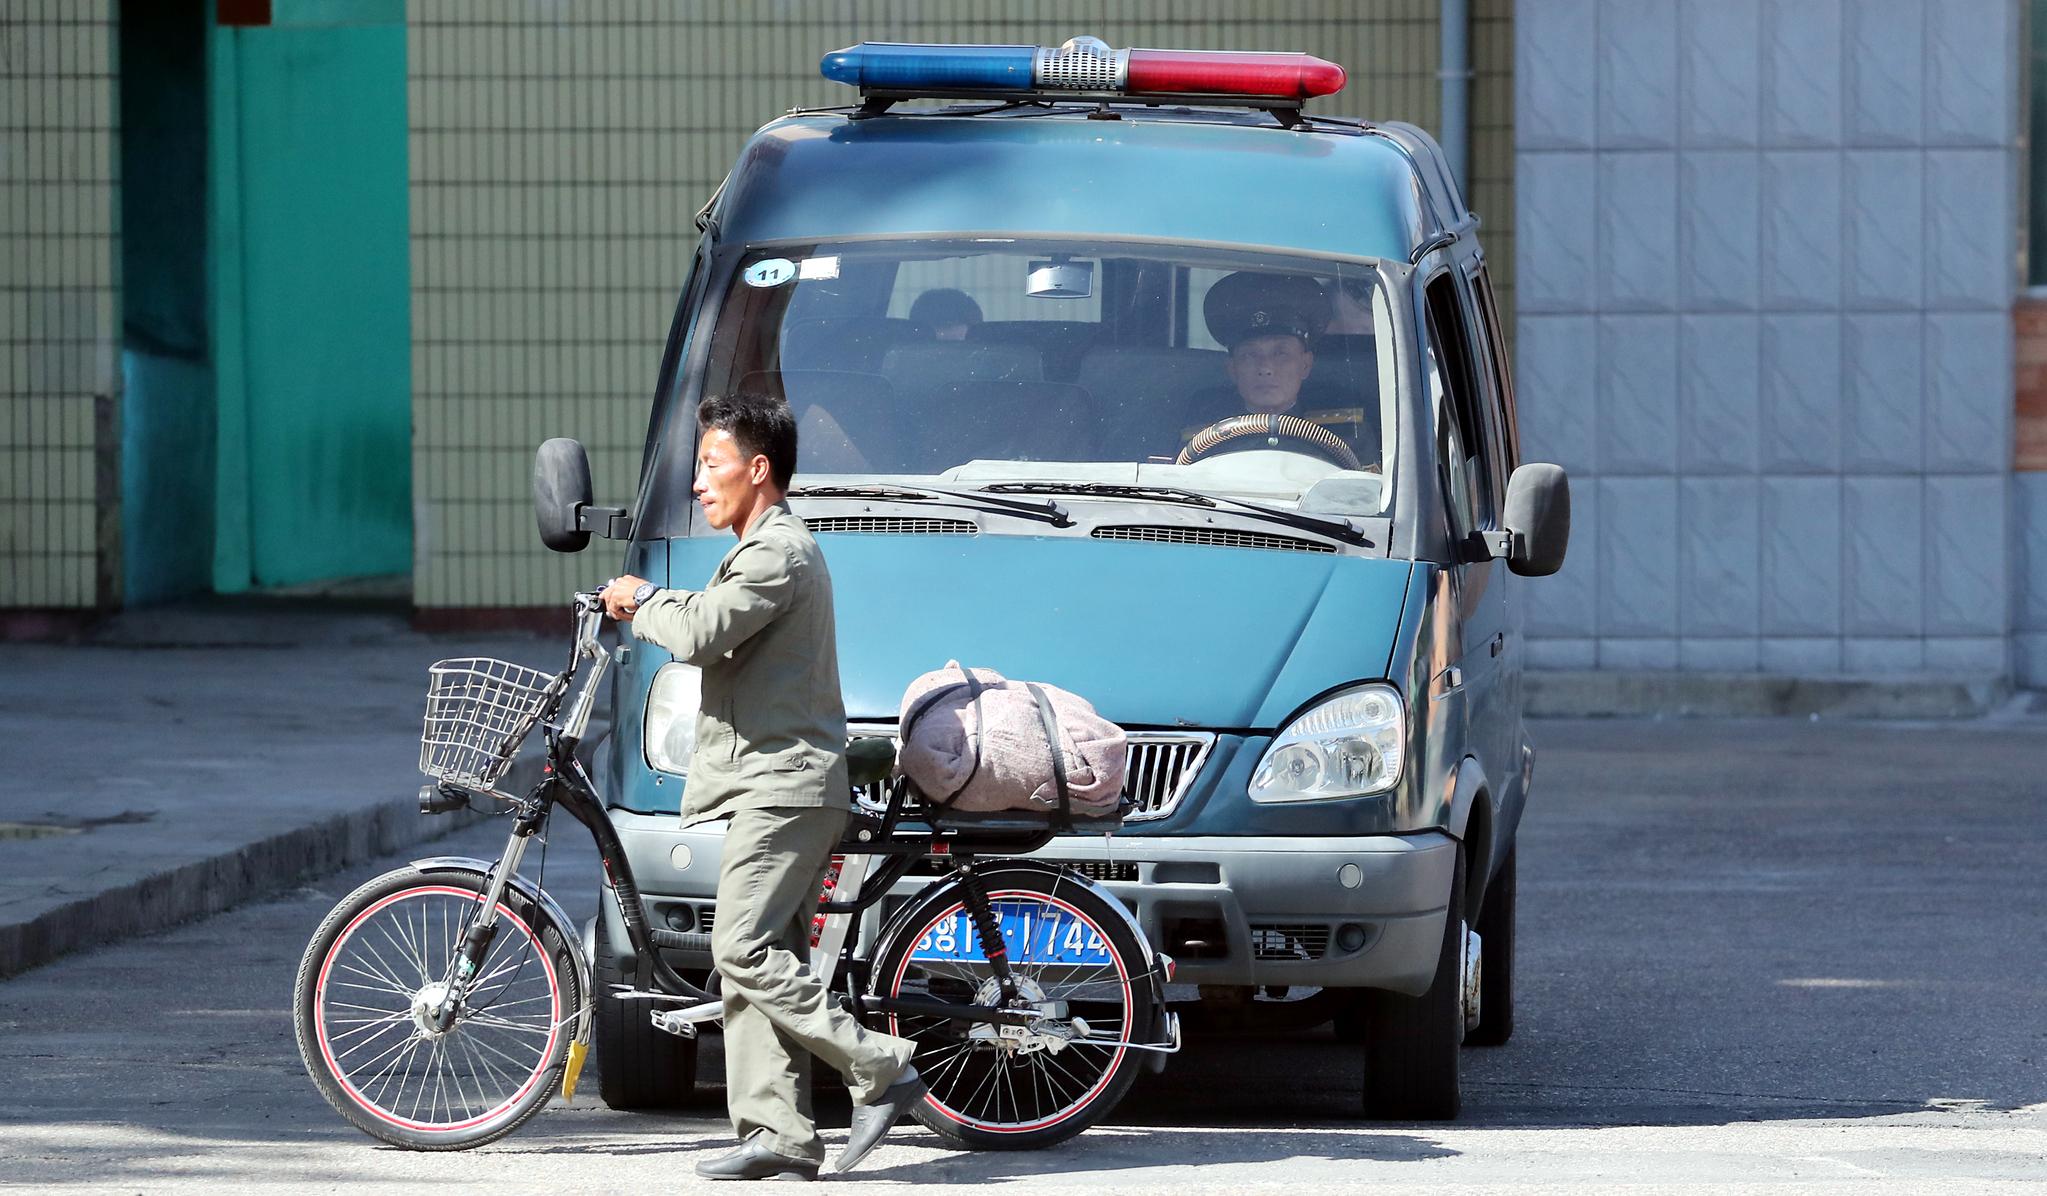 한 북한 군인이 차 앞으로 자전거가 지나가자 멈춰서 기다리고 있다.평양사진공동취재단